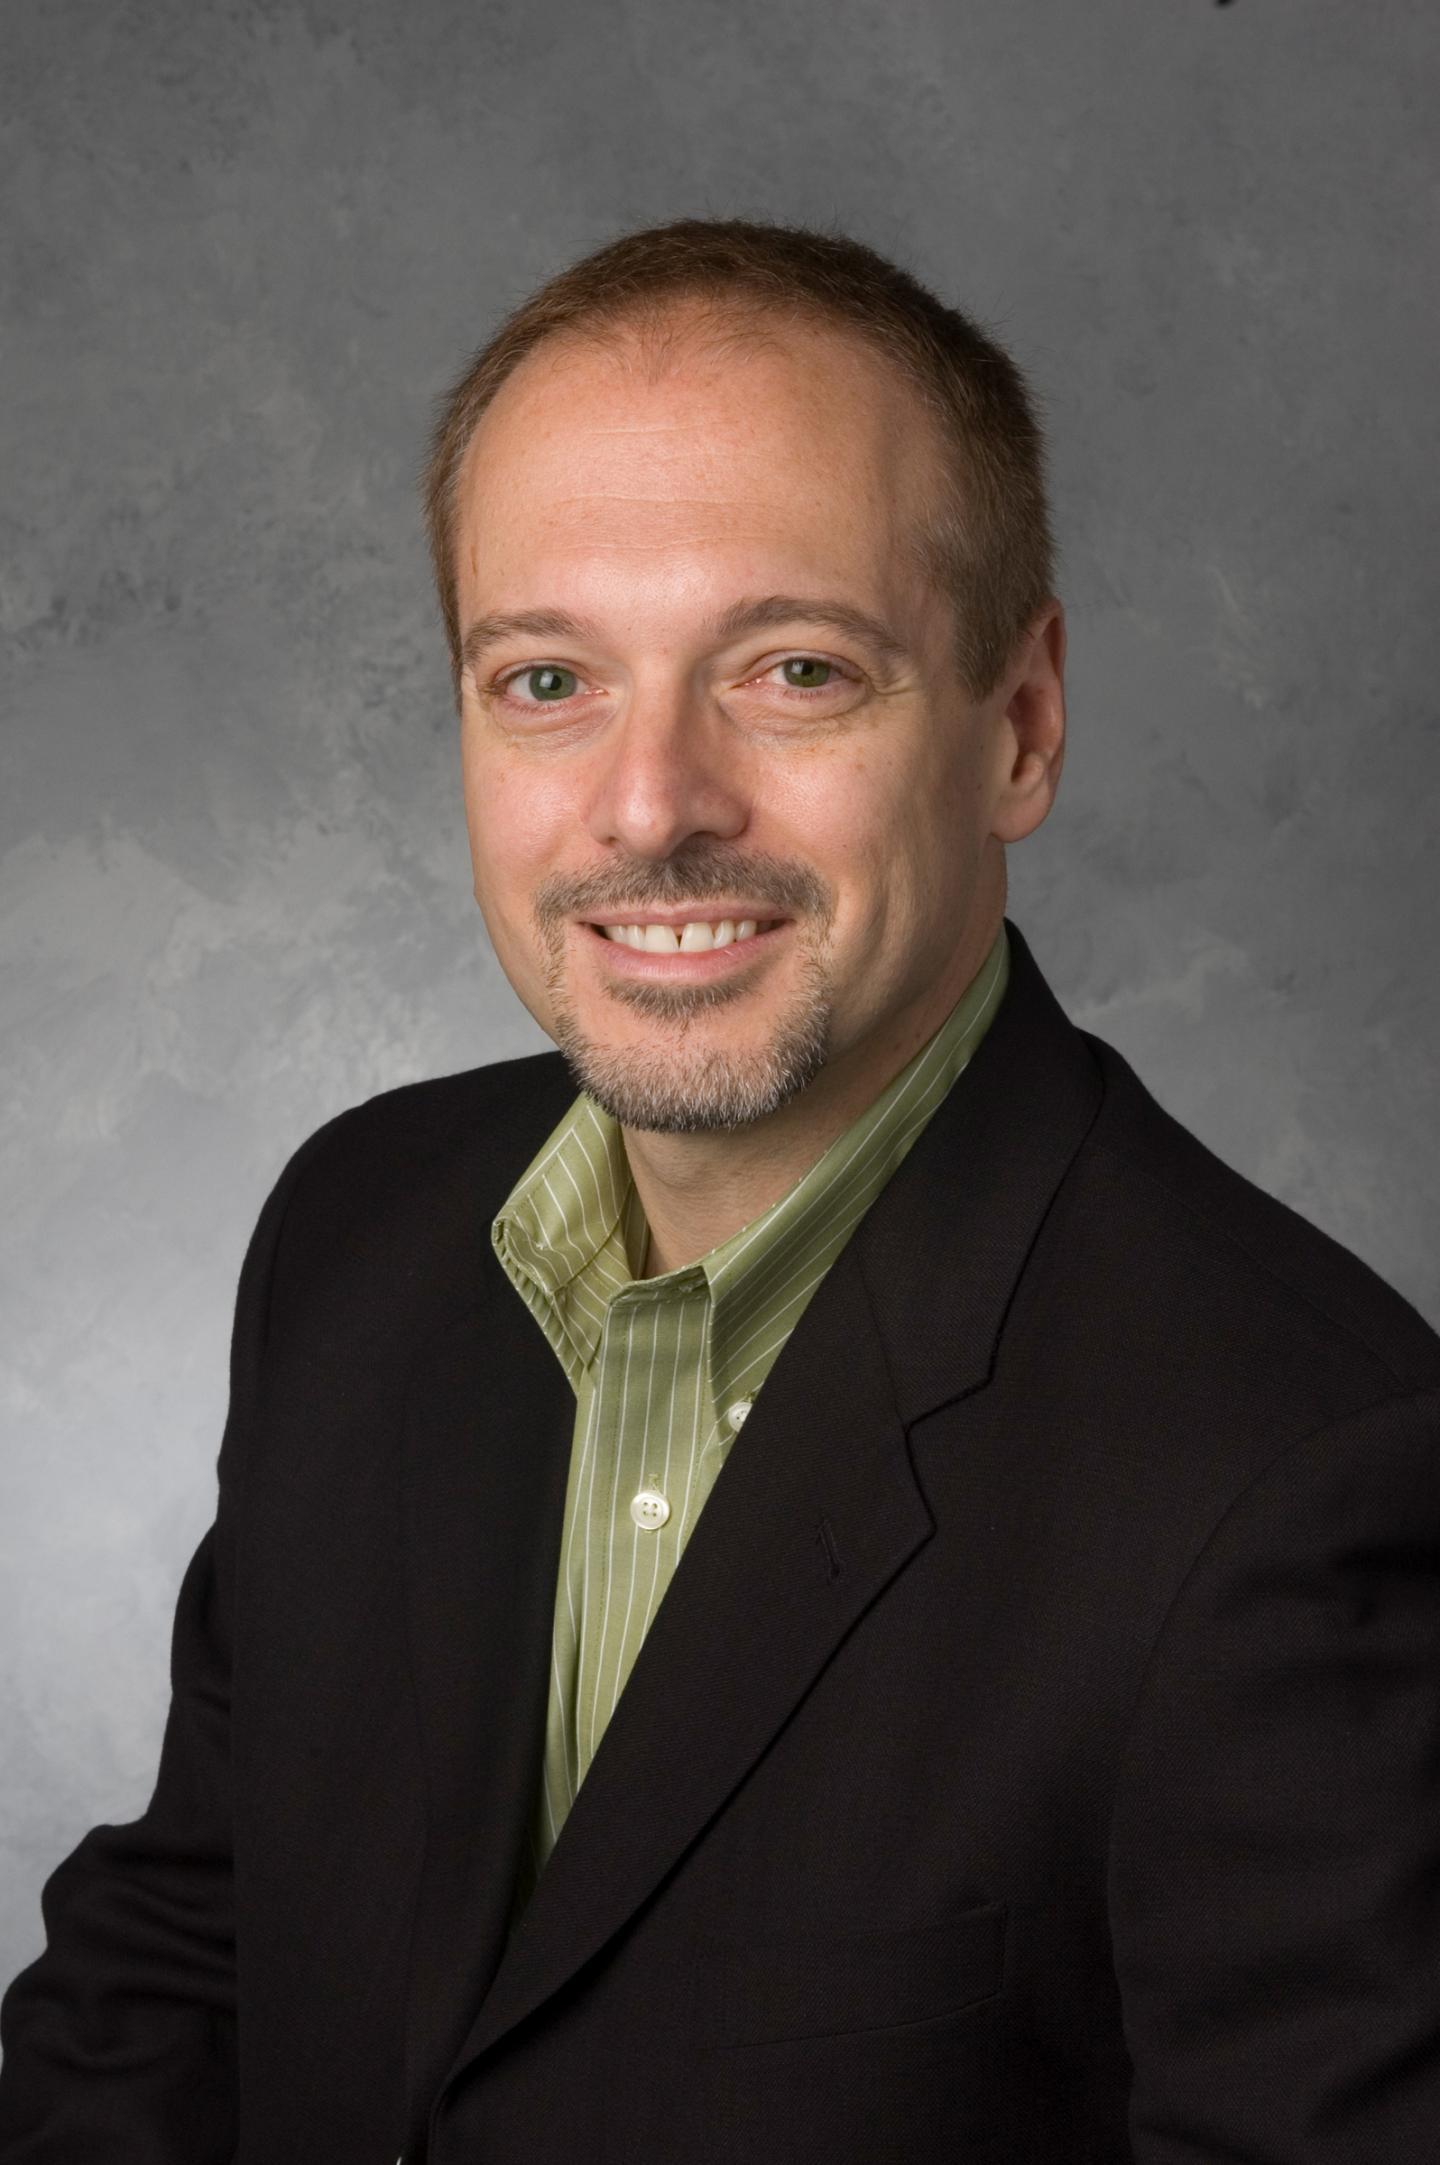 Gary Troia, Michigan State University